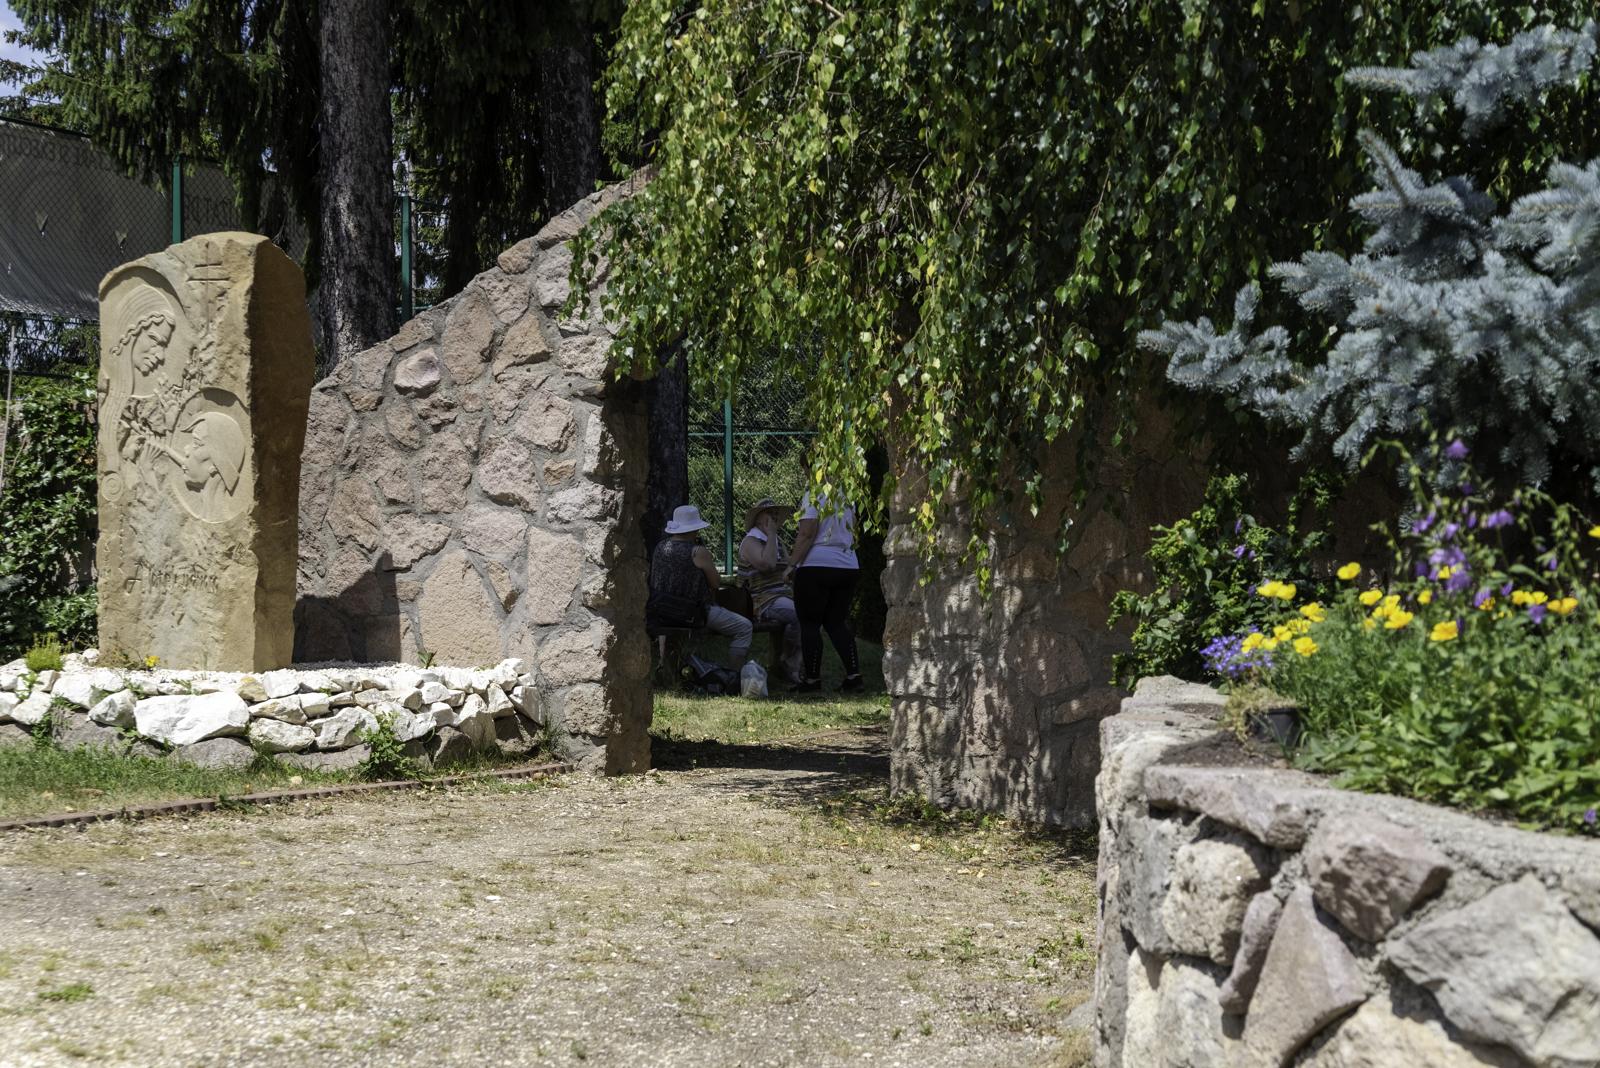 Belépés csodaországba - a csíksomlyói Mária-kert bejárata